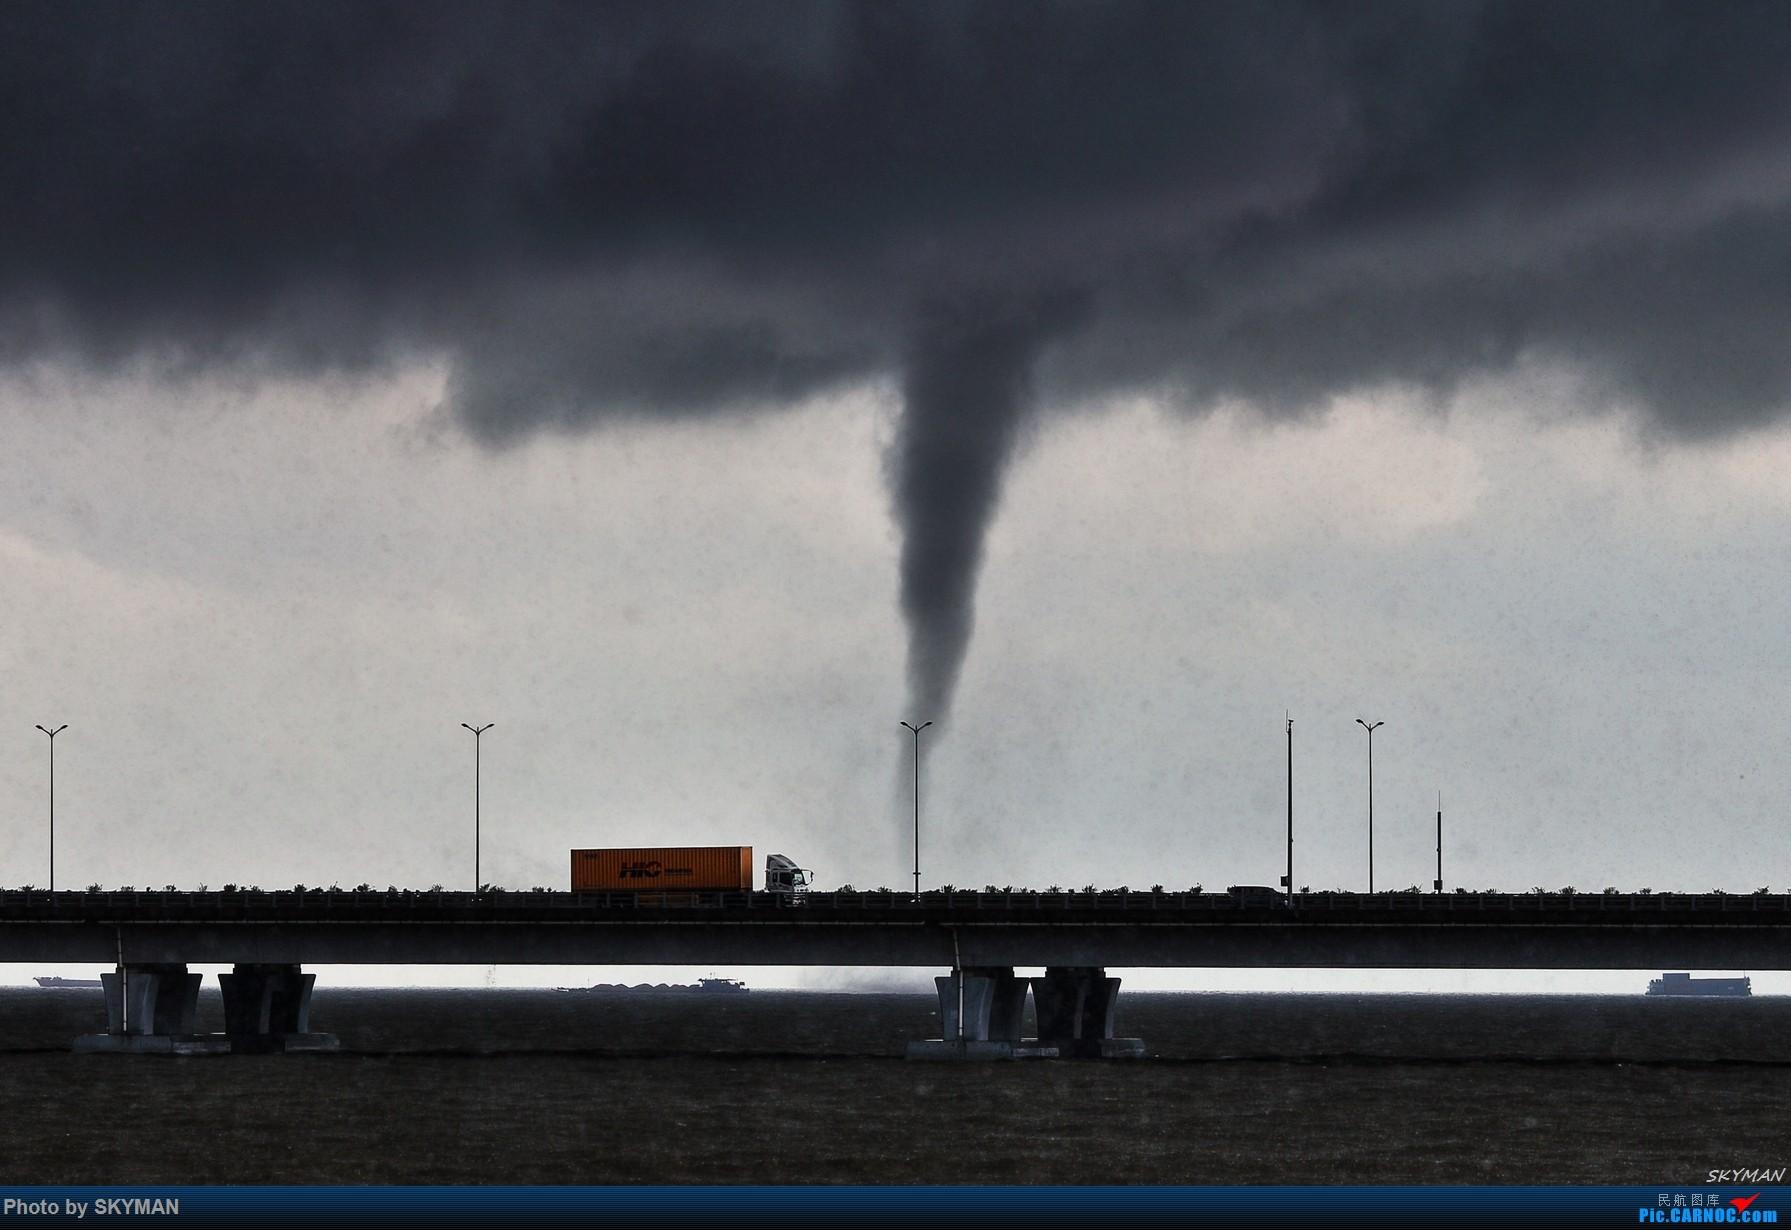 [原创]BLDDQ  5.11 深圳机场龙卷风    中国深圳宝安国际机场